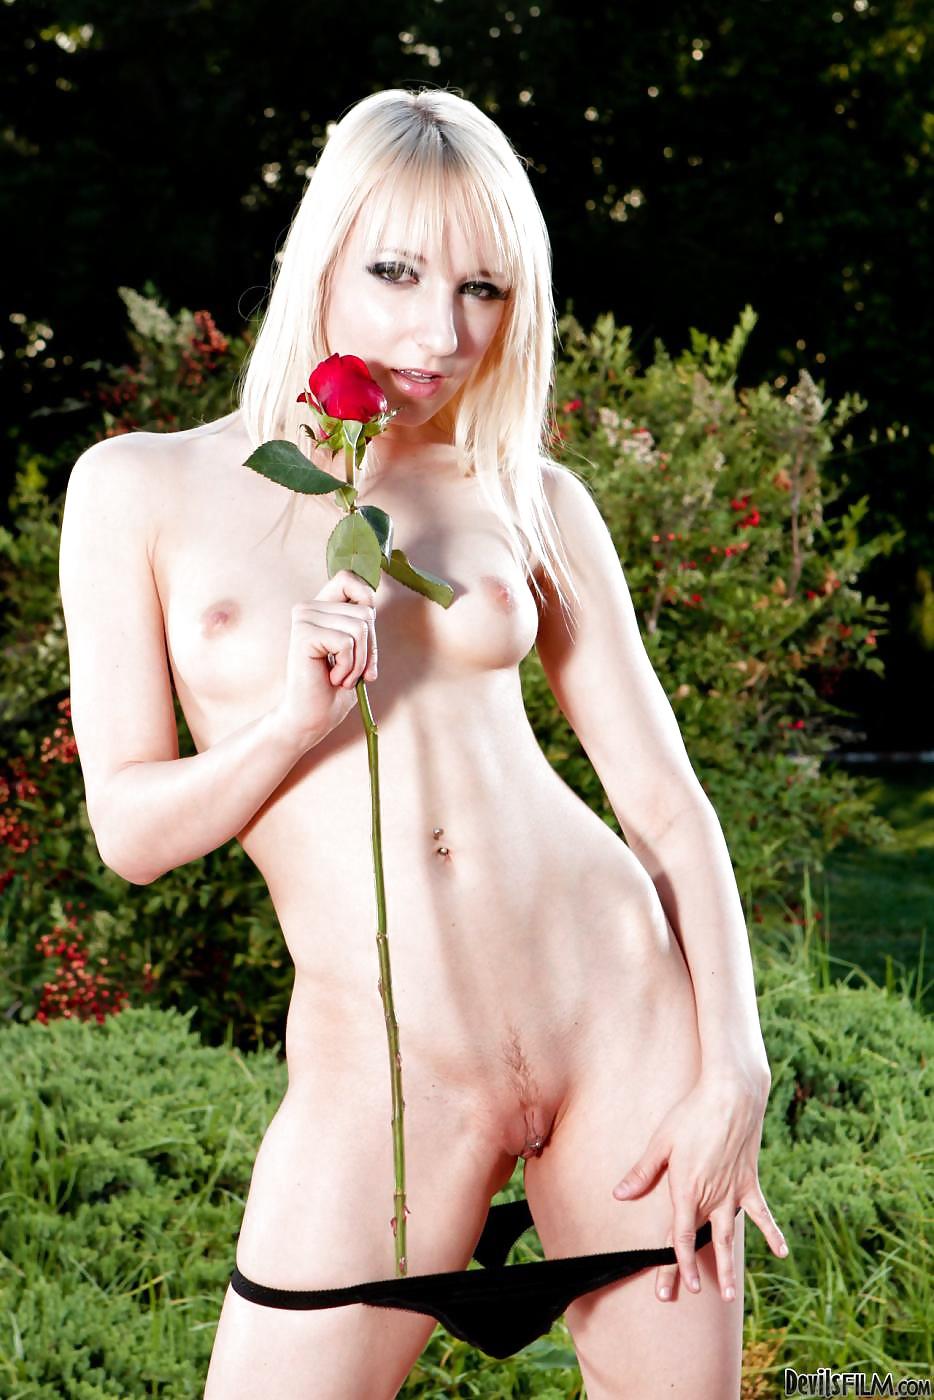 Ashley rose porn